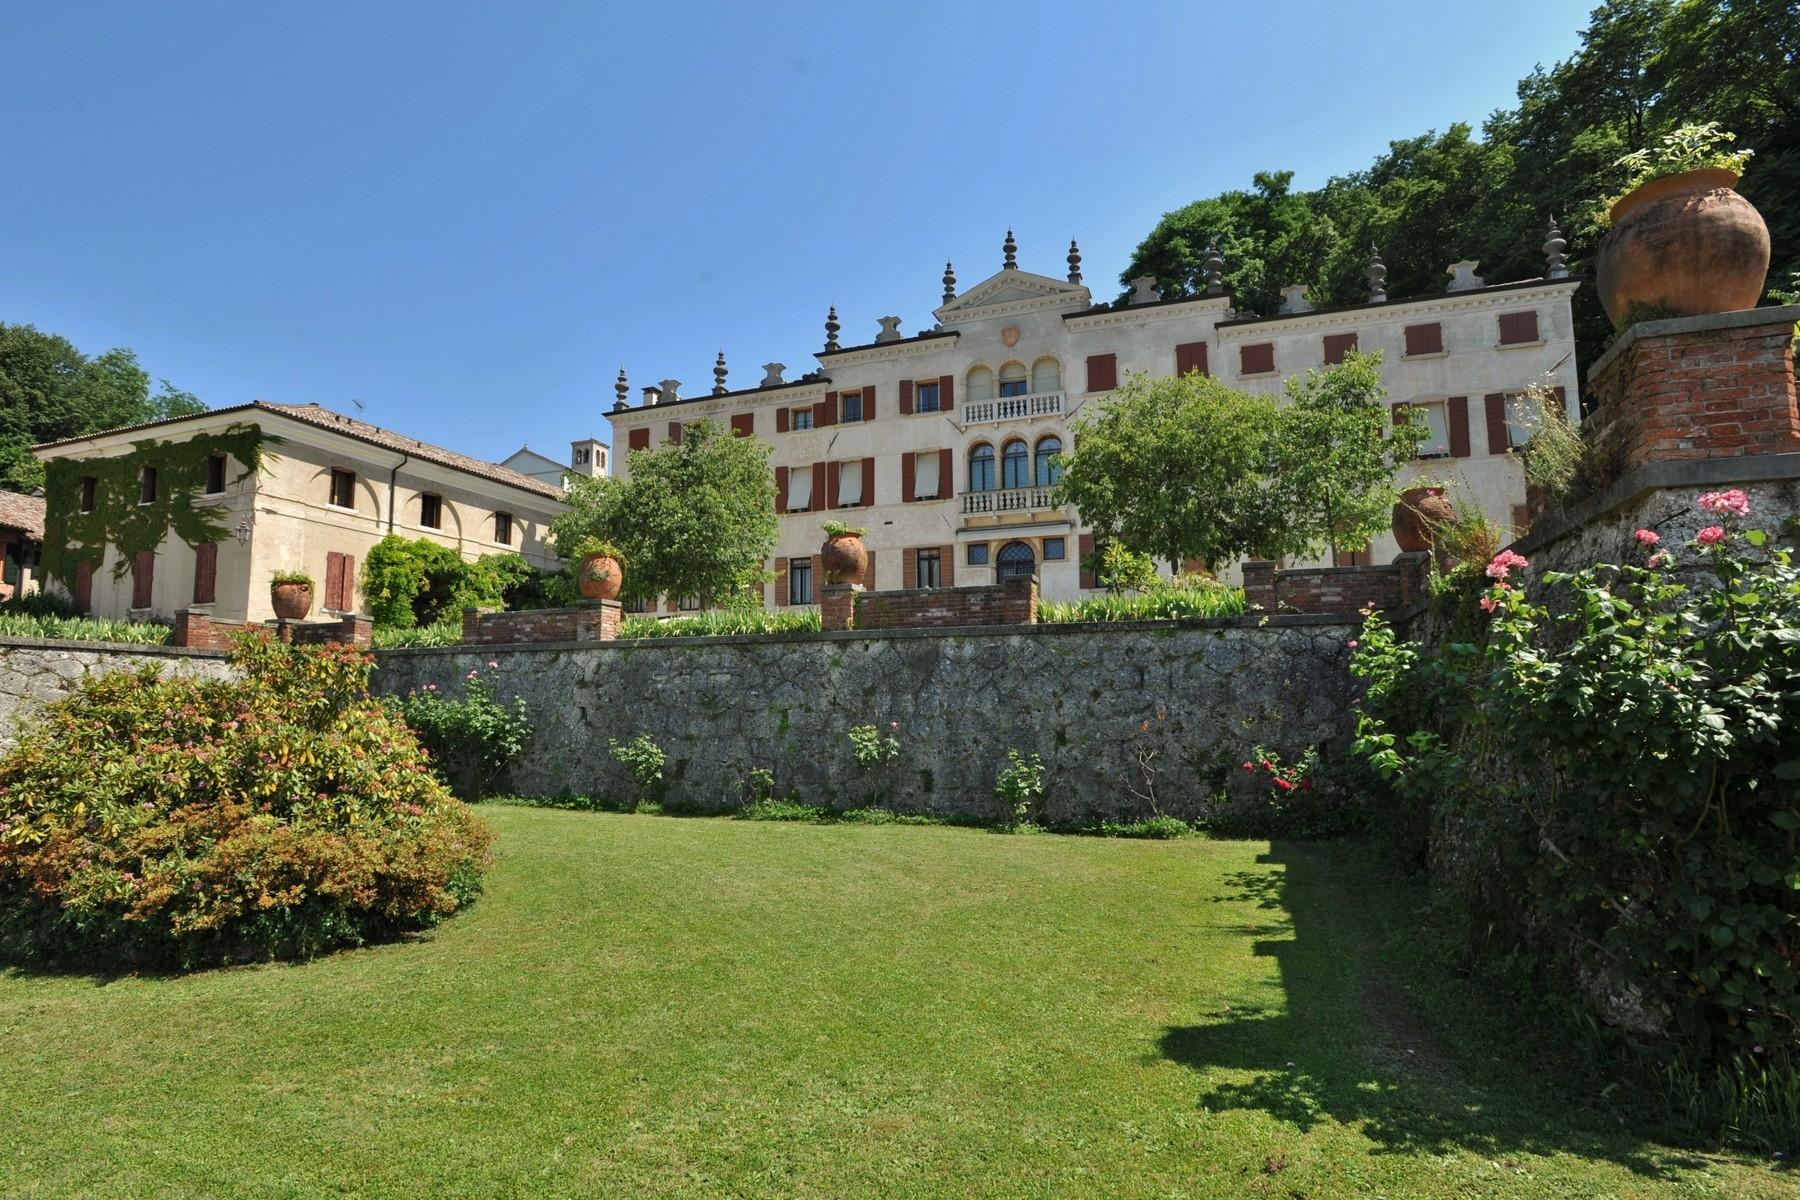 Wunderschöne Villa im Asolo (TV) Stadtzentrum - 1